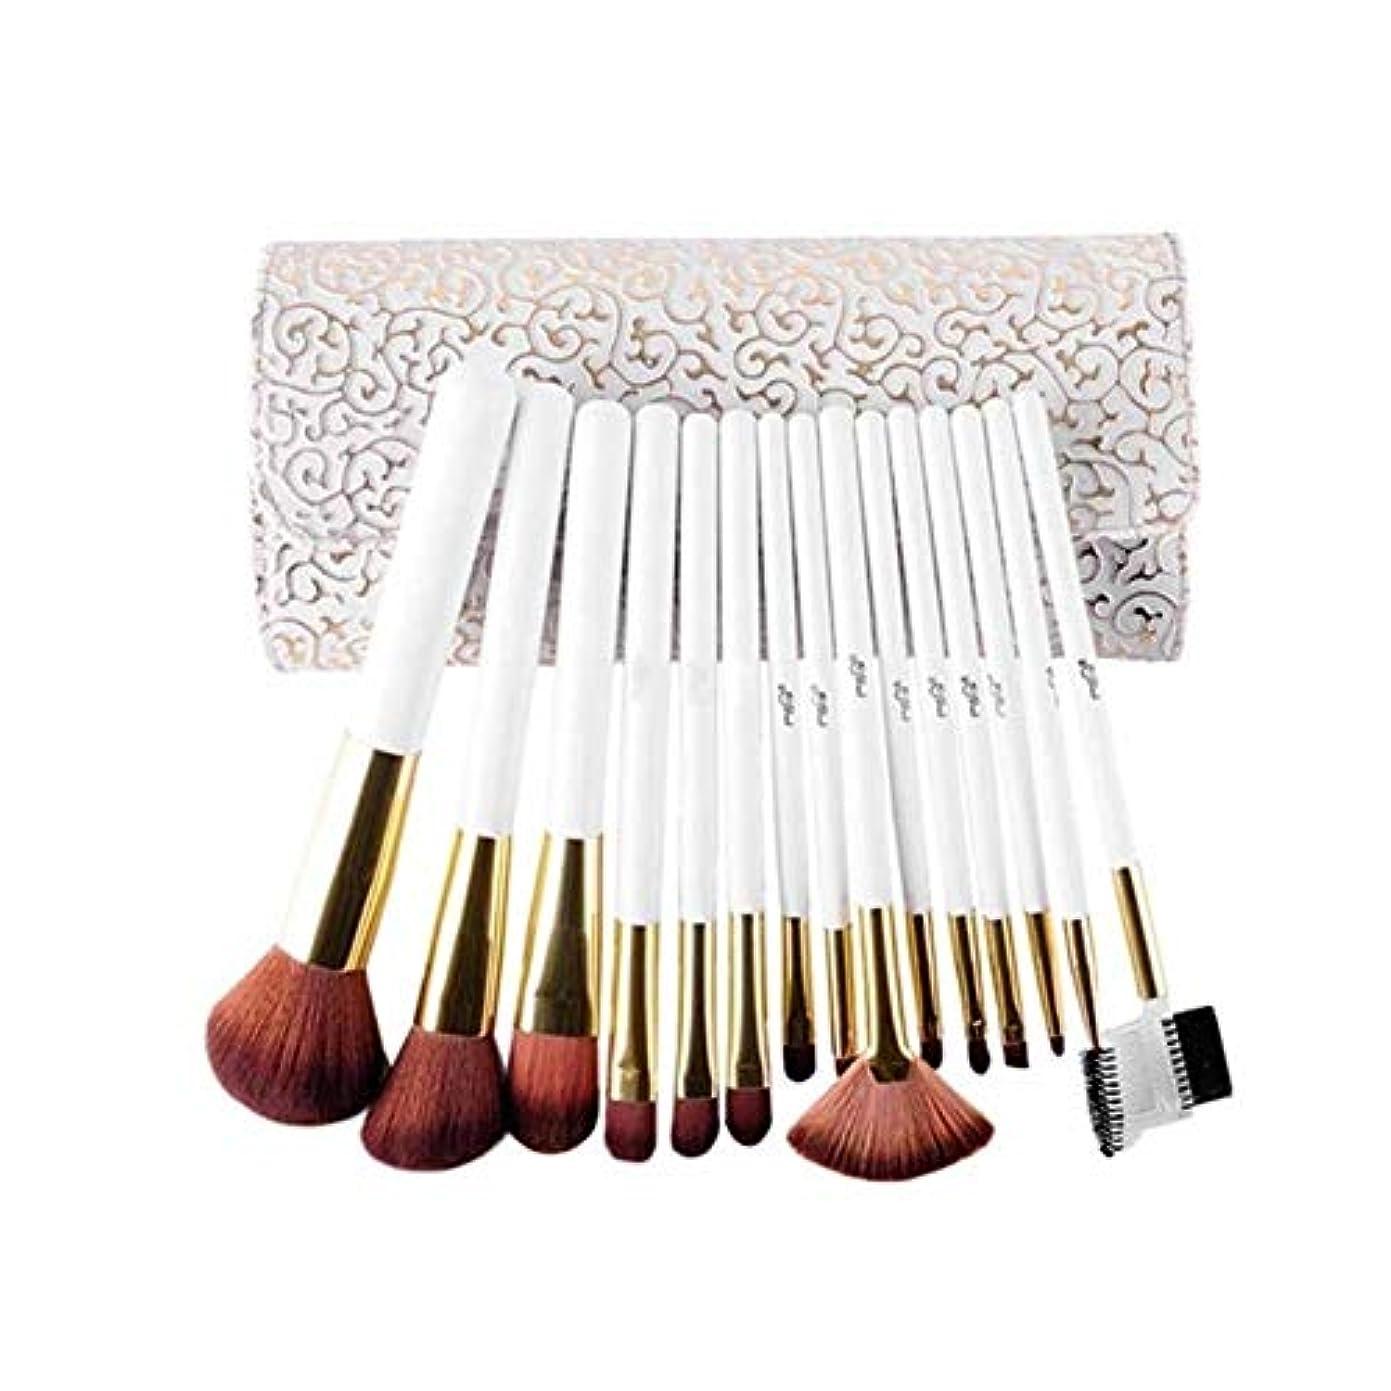 香りマーキング補正XIAOCHAOSD メイクブラシ、15メイクブラシセット、リップブラシブロウブラッシュファンデーションブラシアイシャドウブラシ、プロフェッショナルメイクアップツールセット (Color : White)